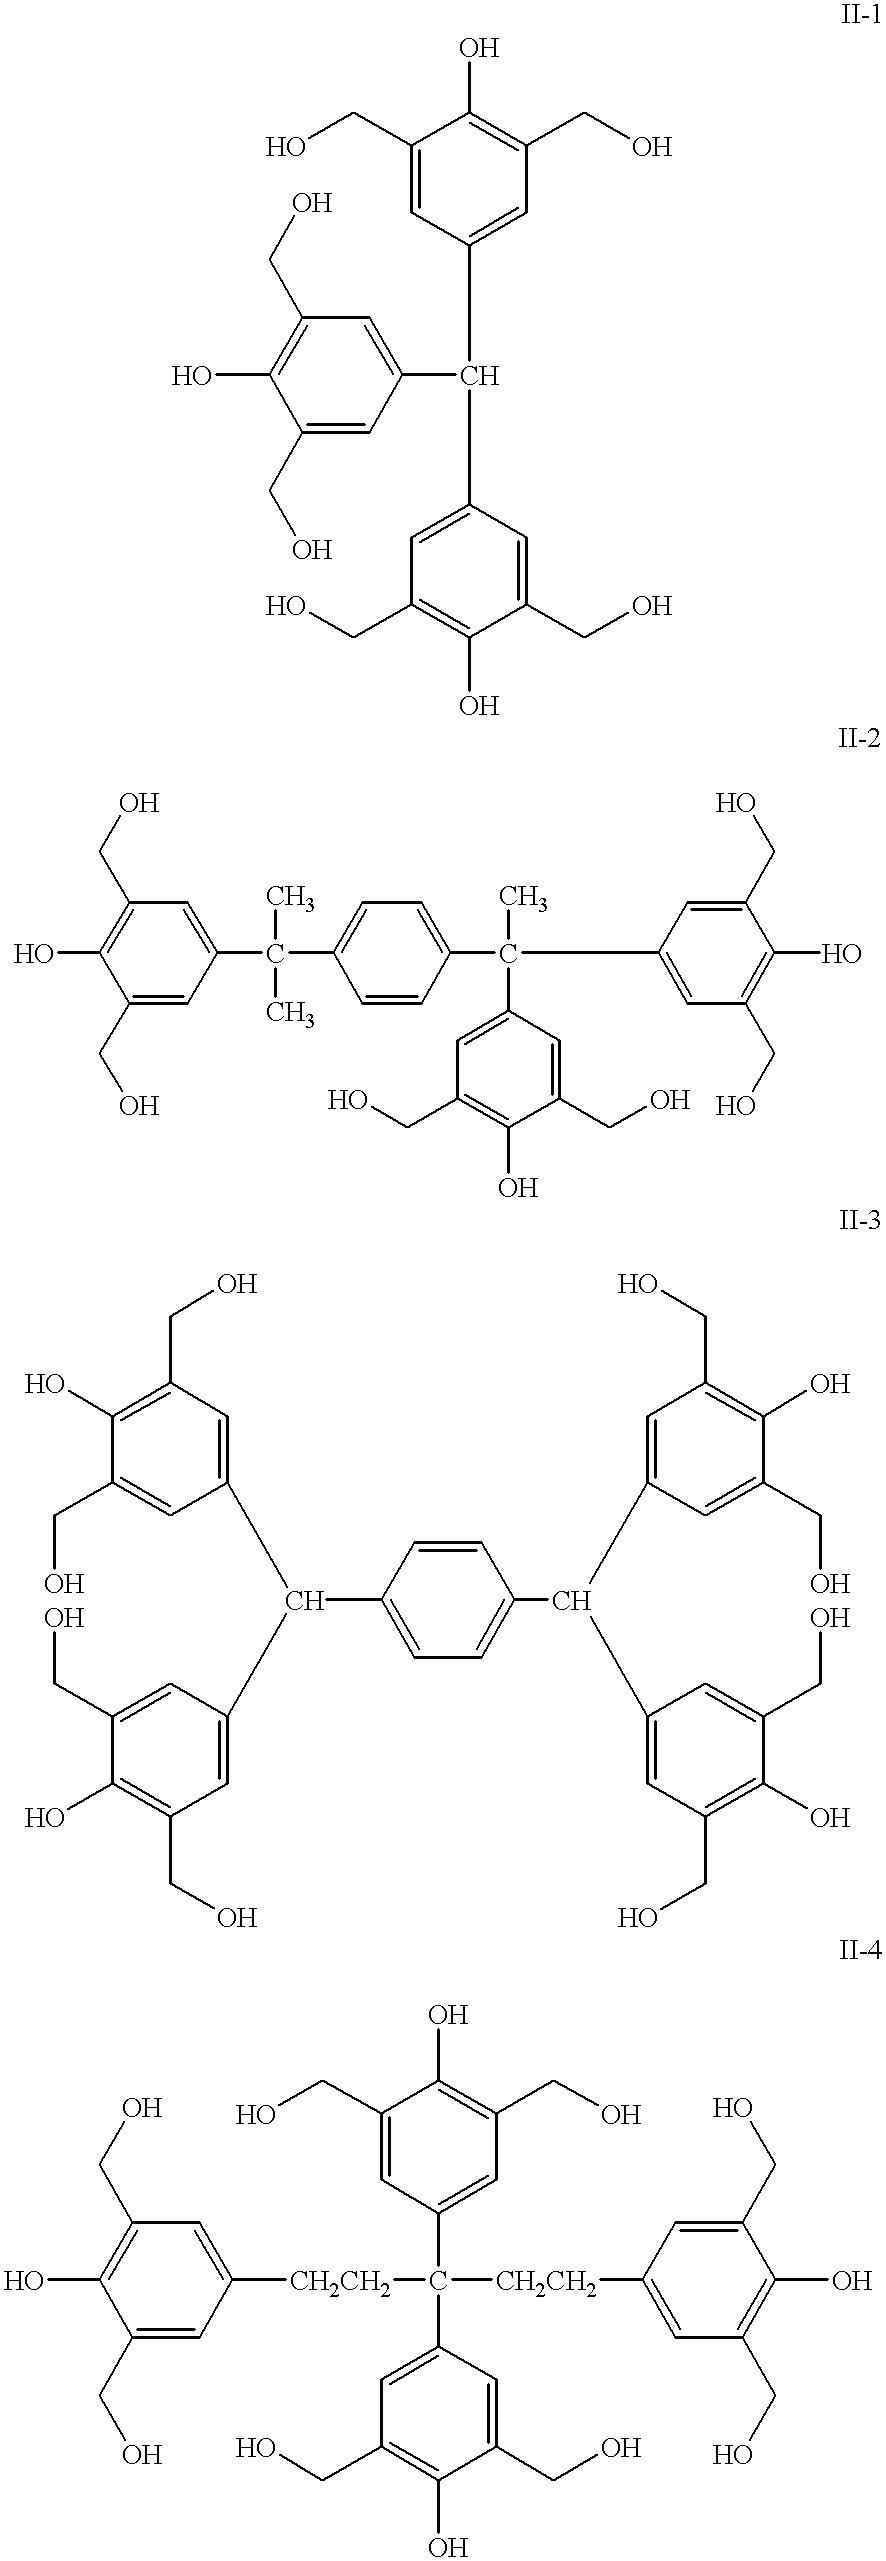 Figure US20010009129A1-20010726-C00038